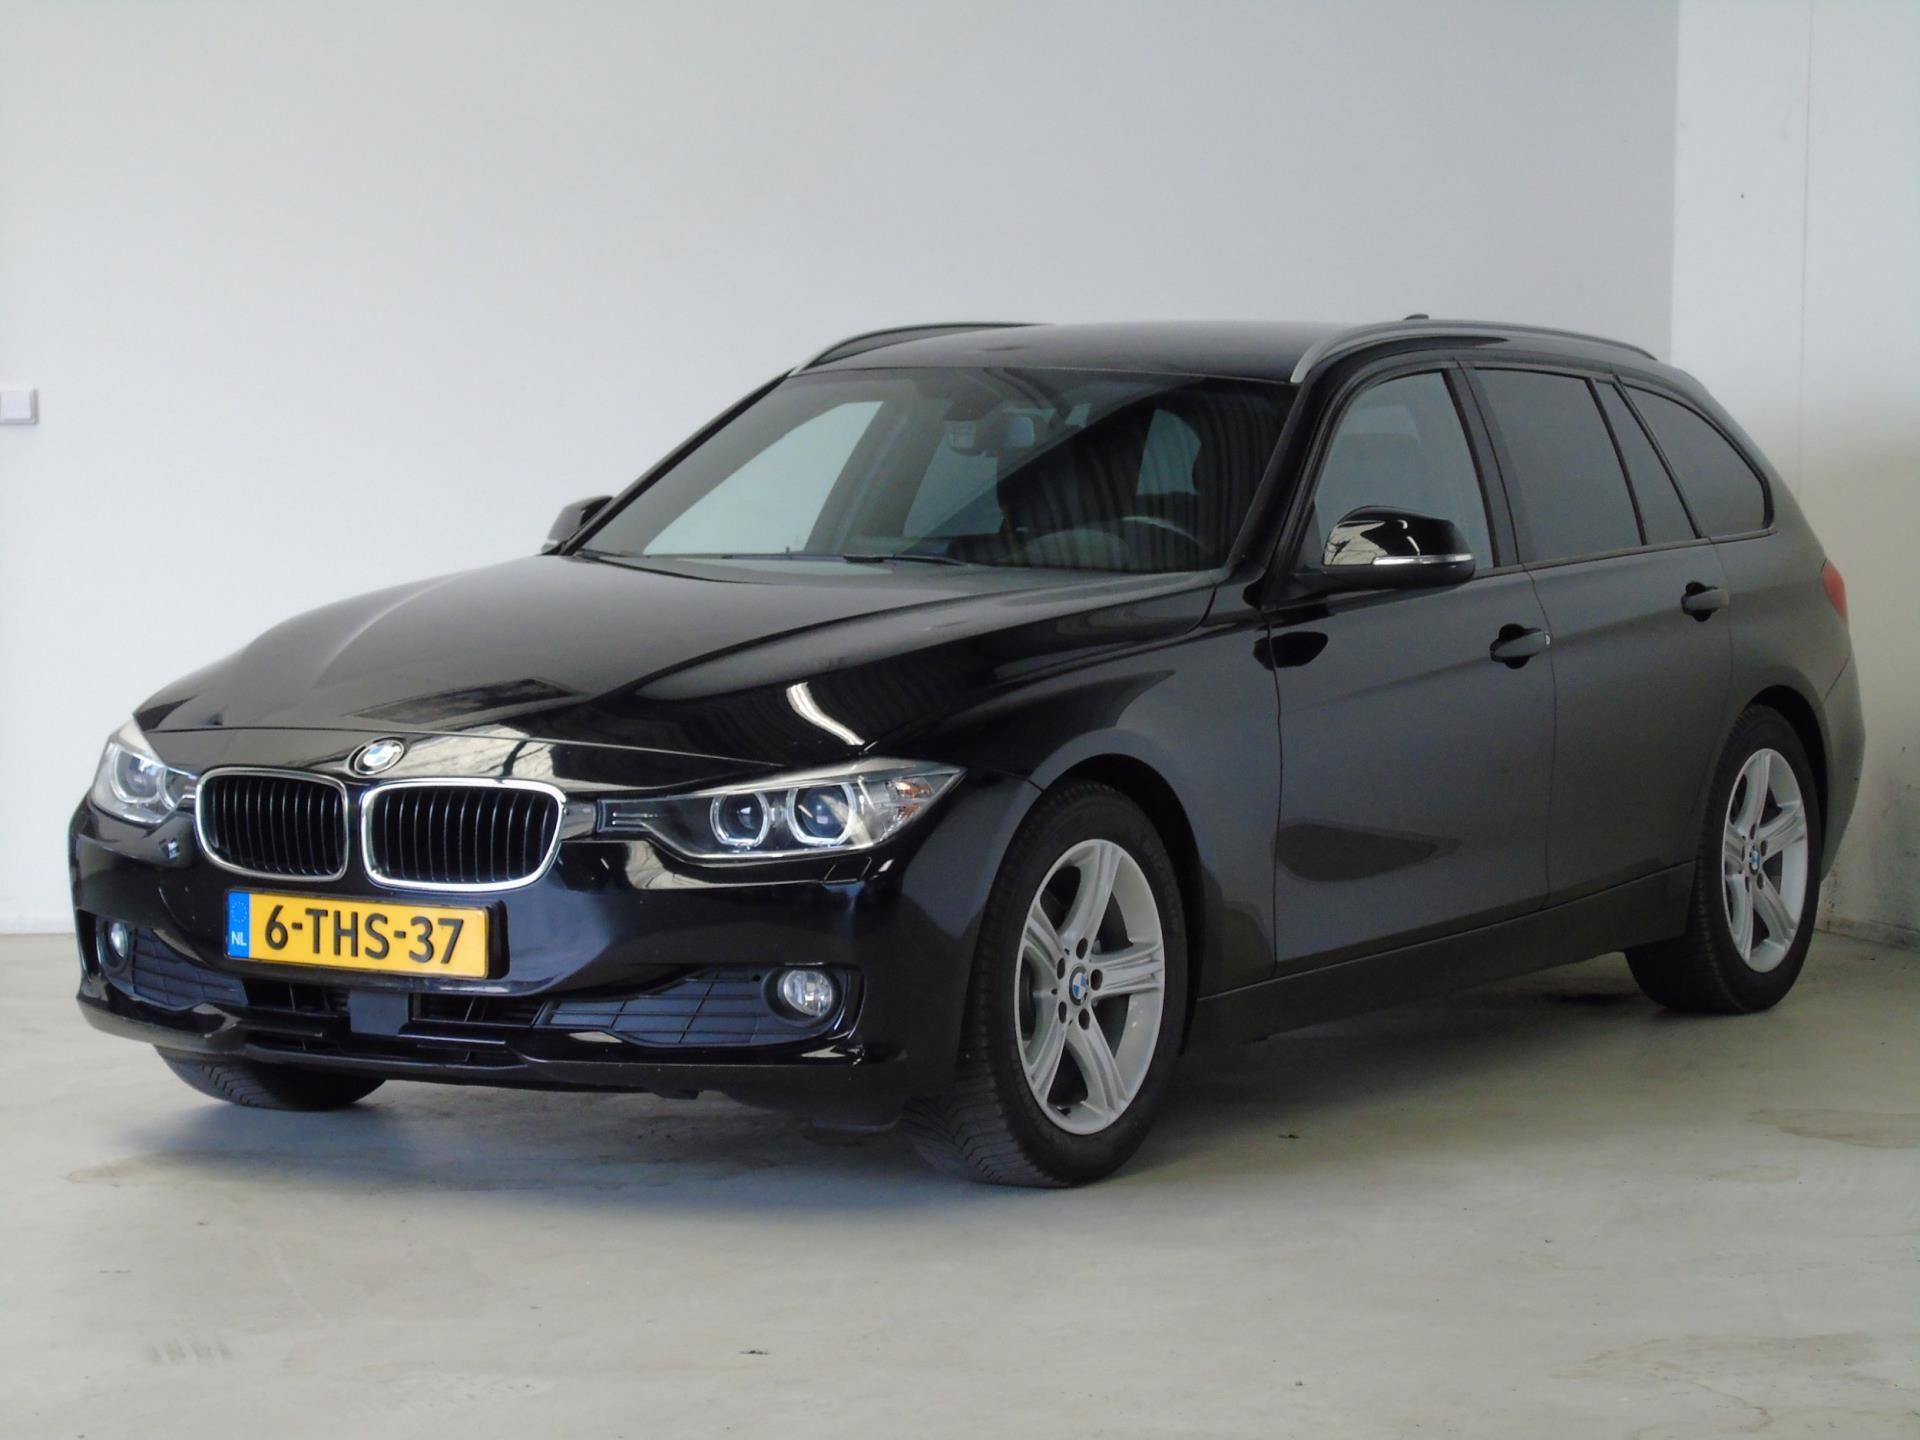 BMW 3-serie Touring occasion - van Dijk auto's